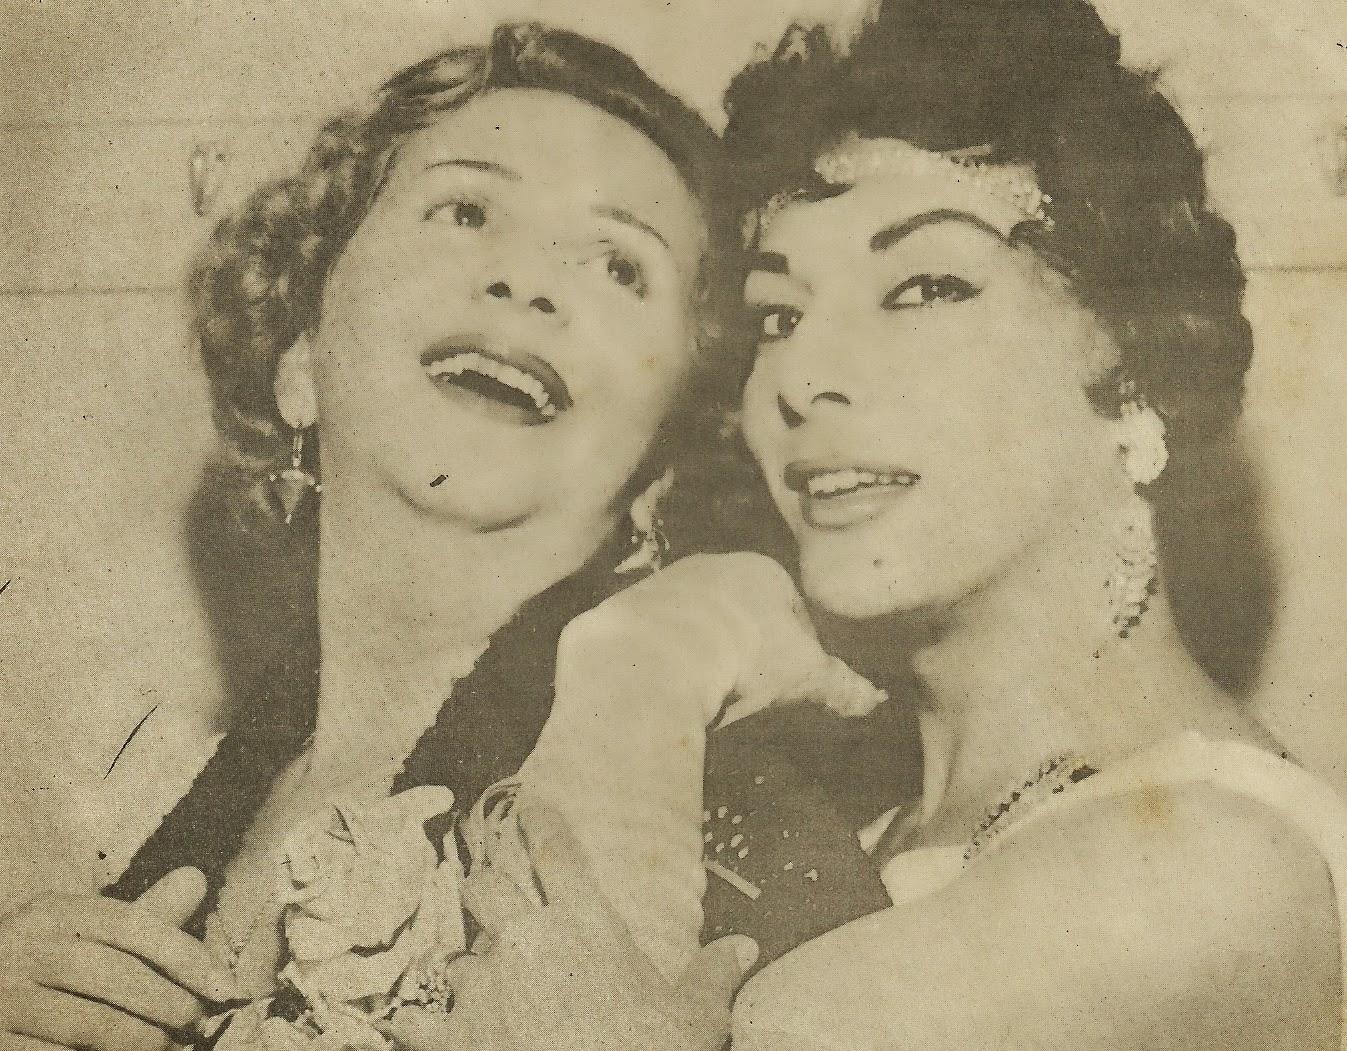 Dalva de Oliveira e Marlene